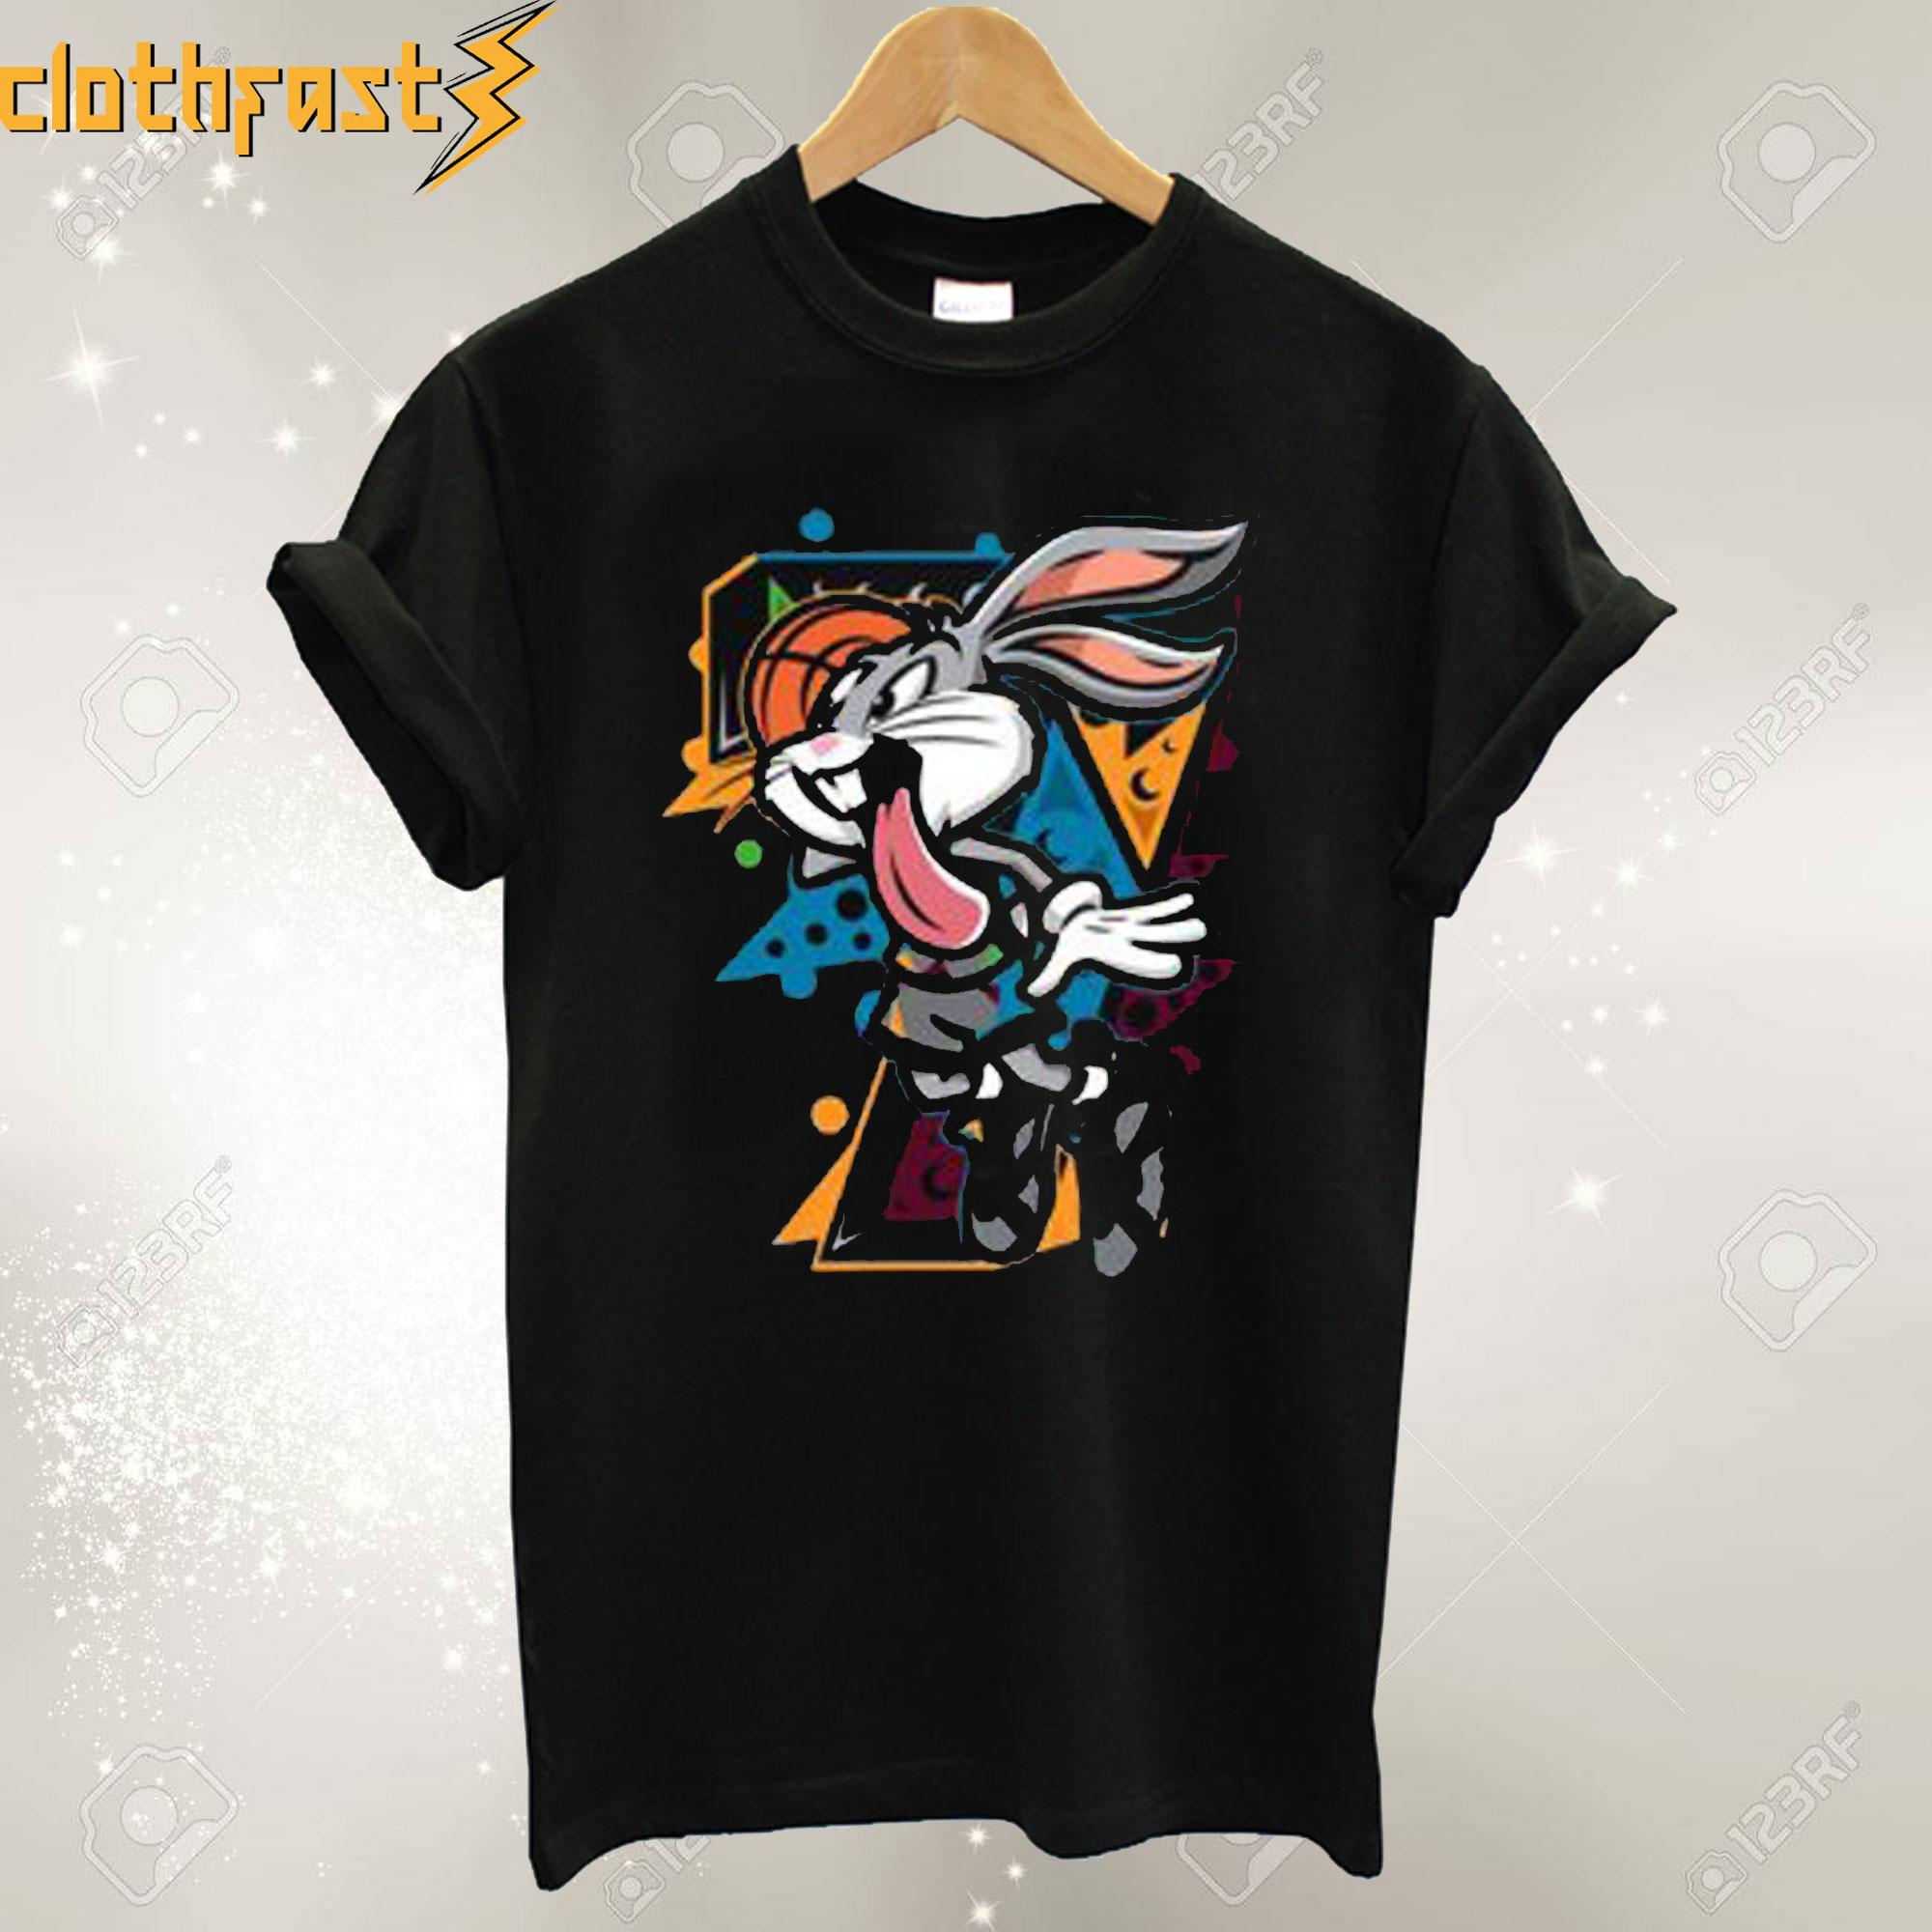 Match Air Jordan T Shirt